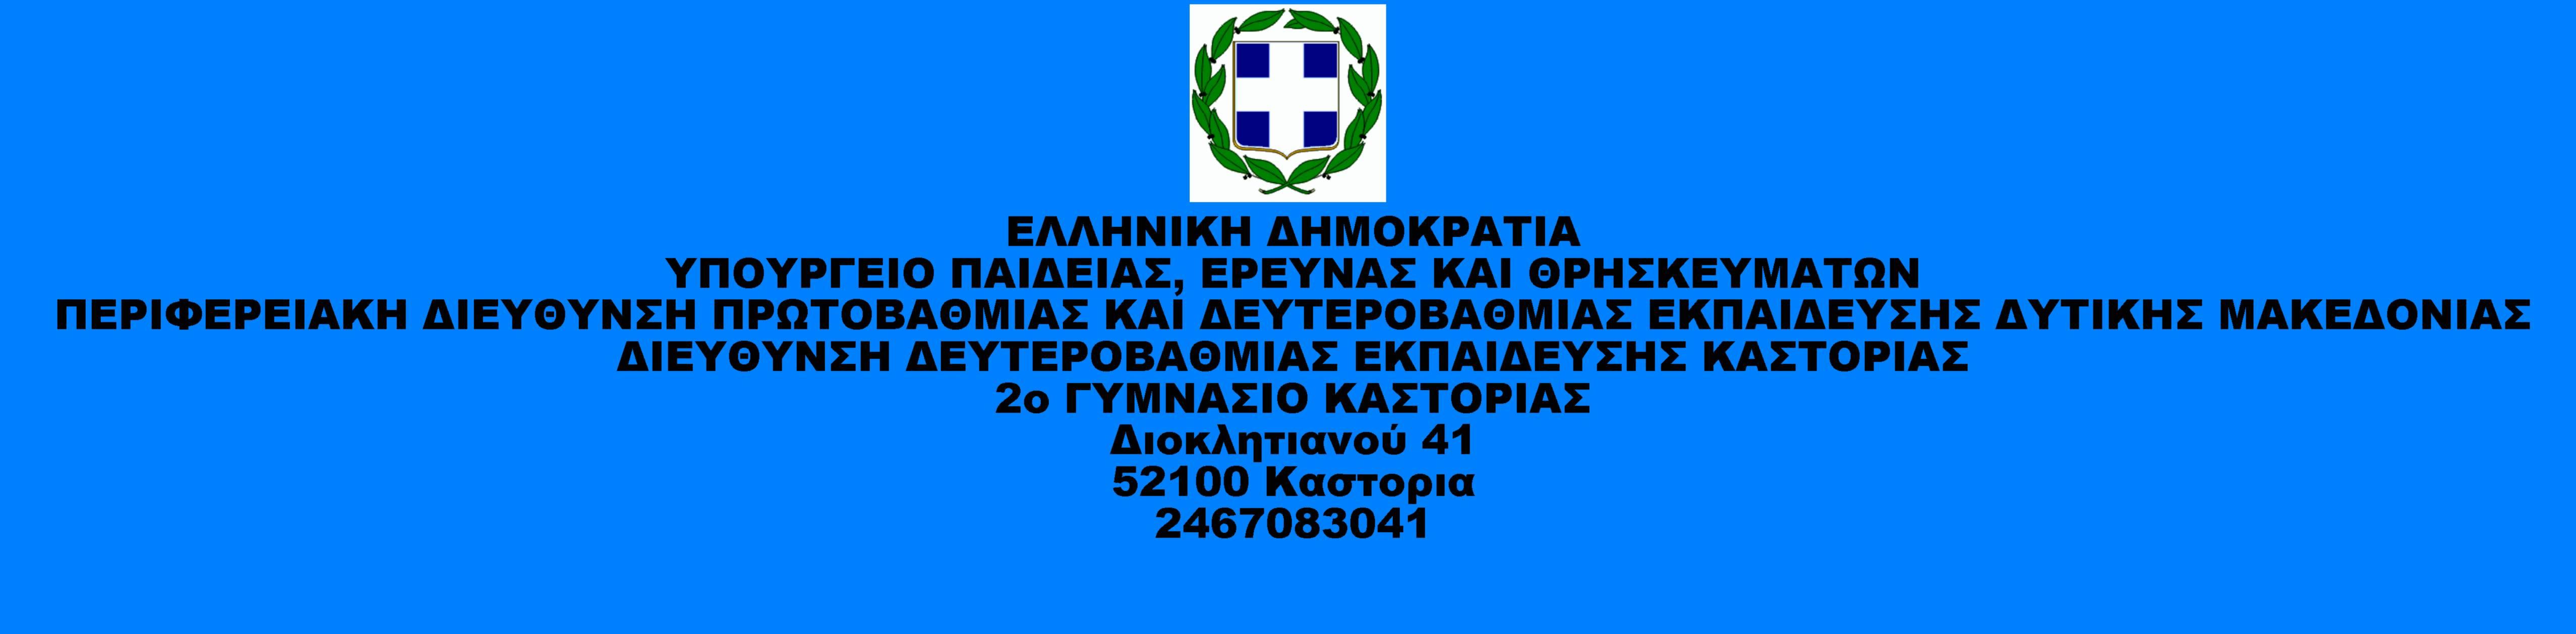 2ο Γυμνάσιο Καστοριάς